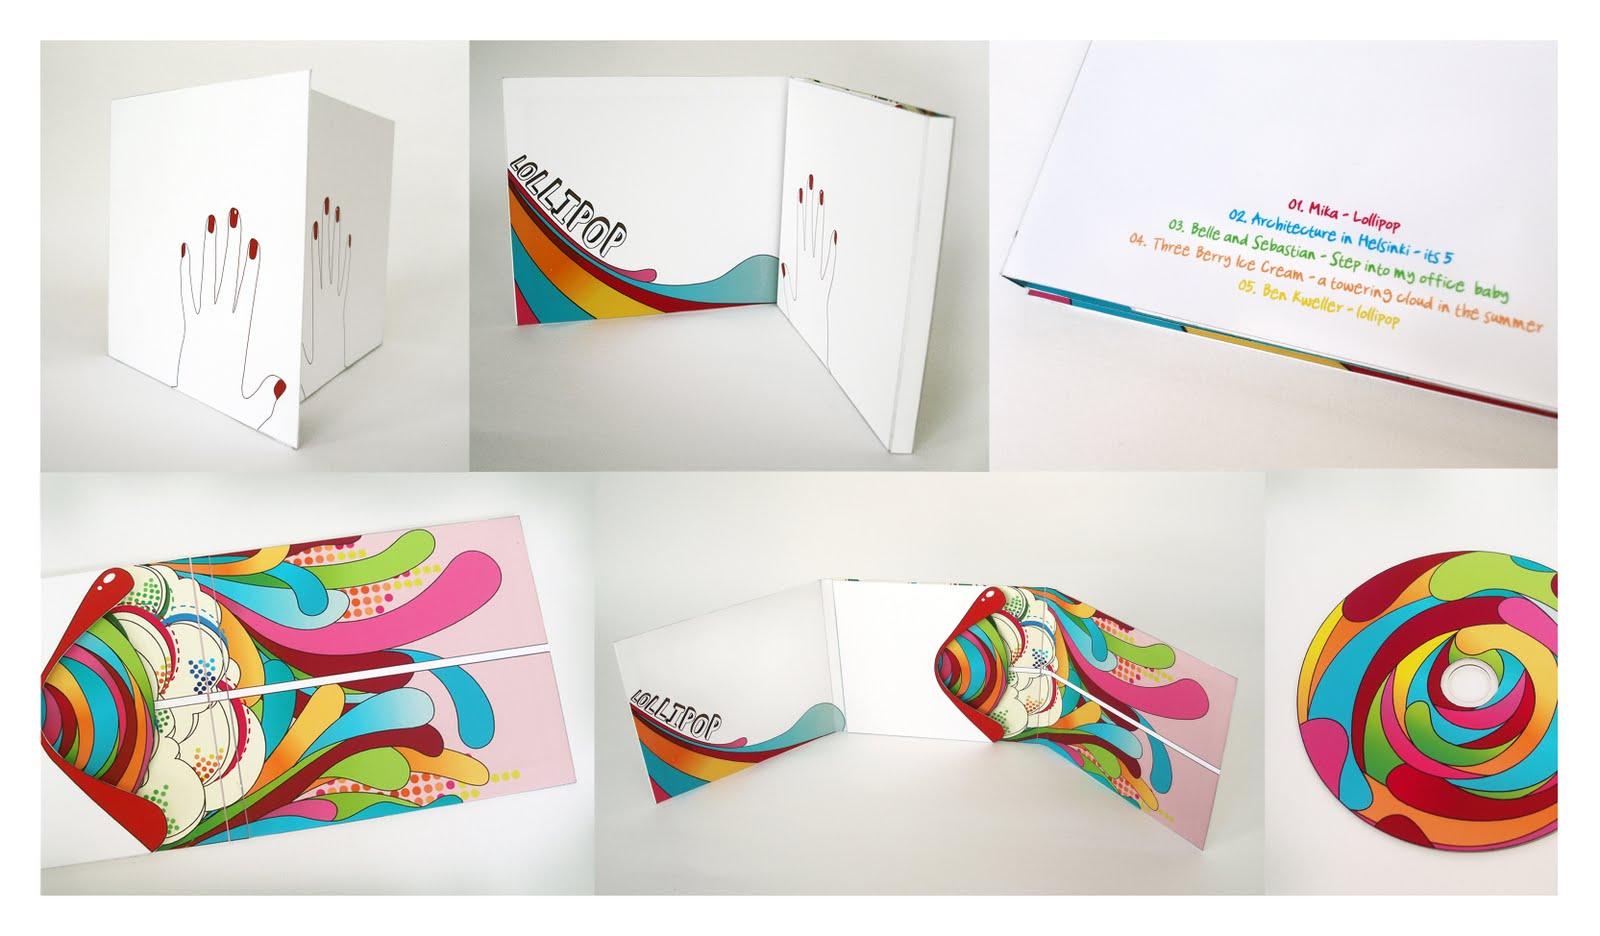 Estudio Logos | Recursos para Diseño Gráfico: Packaging, los mejores ...